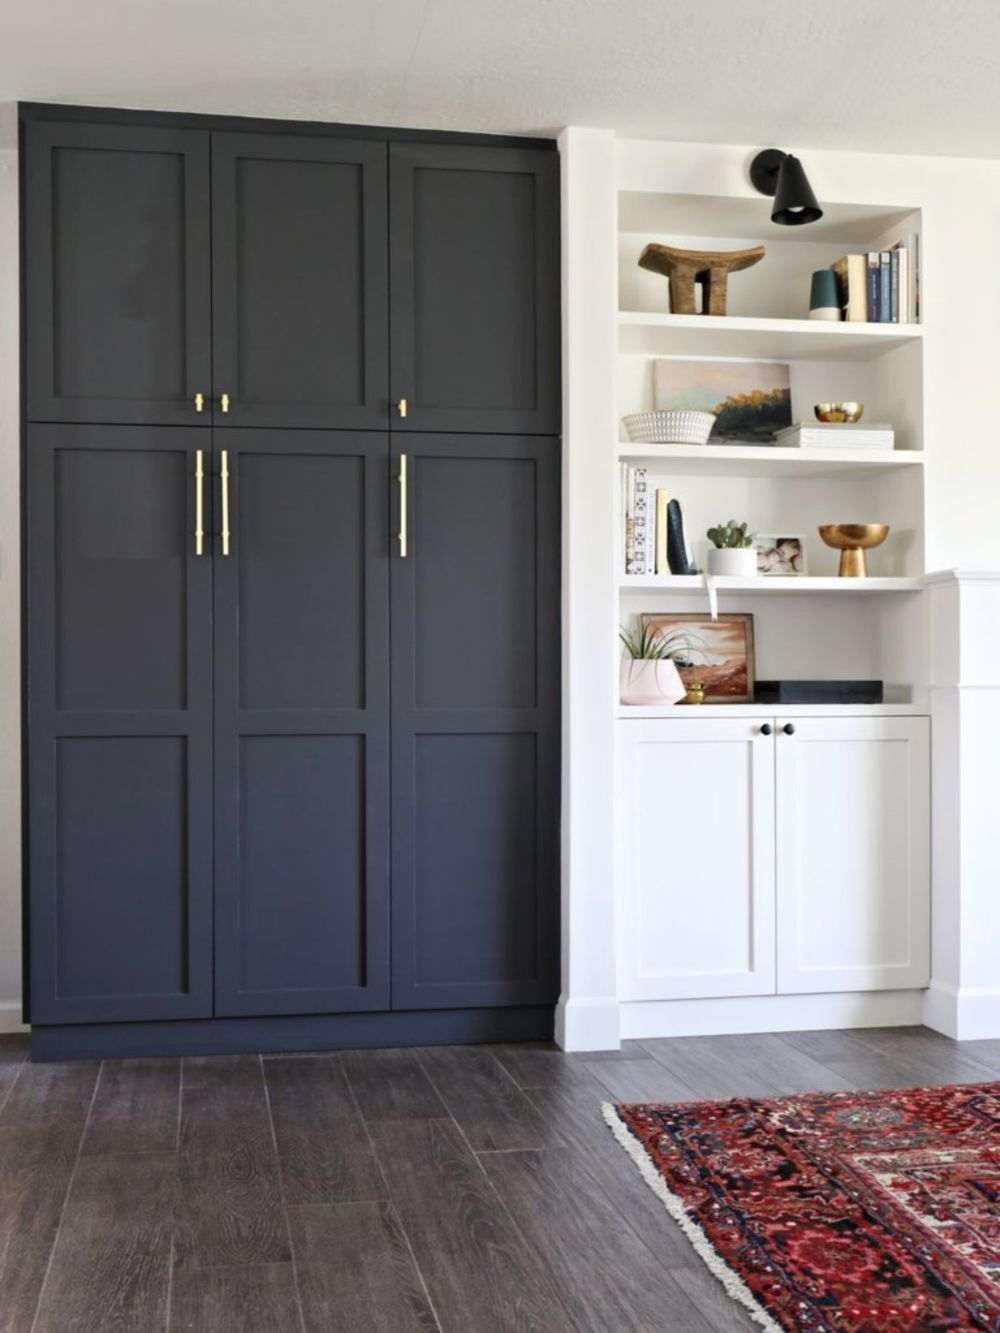 Image Result For Grimo Door Hack Thuisdecoratie Slaapkamer Verbouwen Ikea Pax Kledingkast